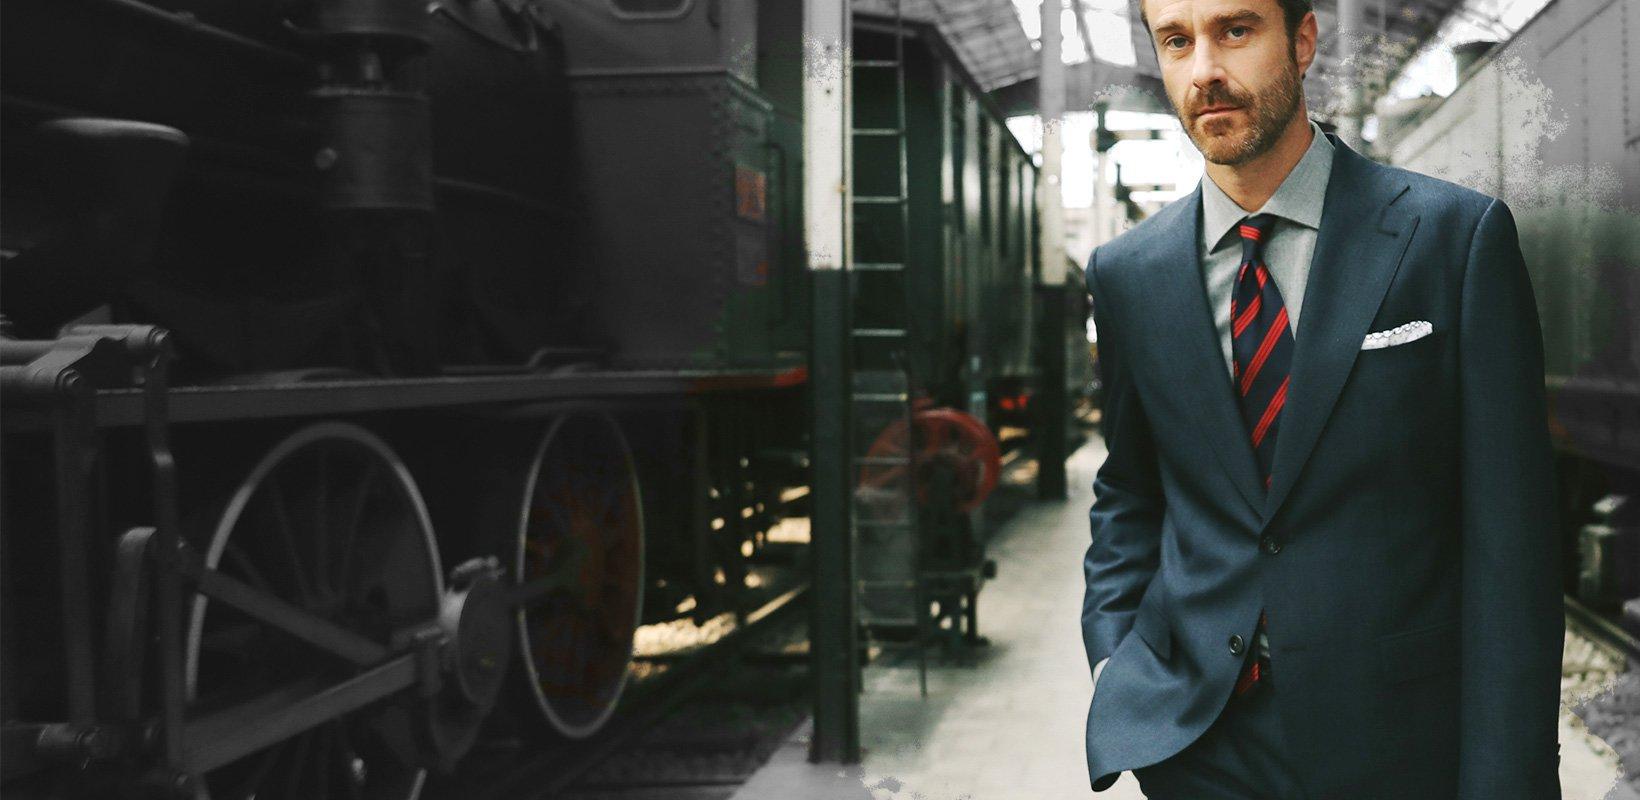 Lanieri | Promotions spéciales 2020 vêtements sur mesure jusqu'à 30% de remise